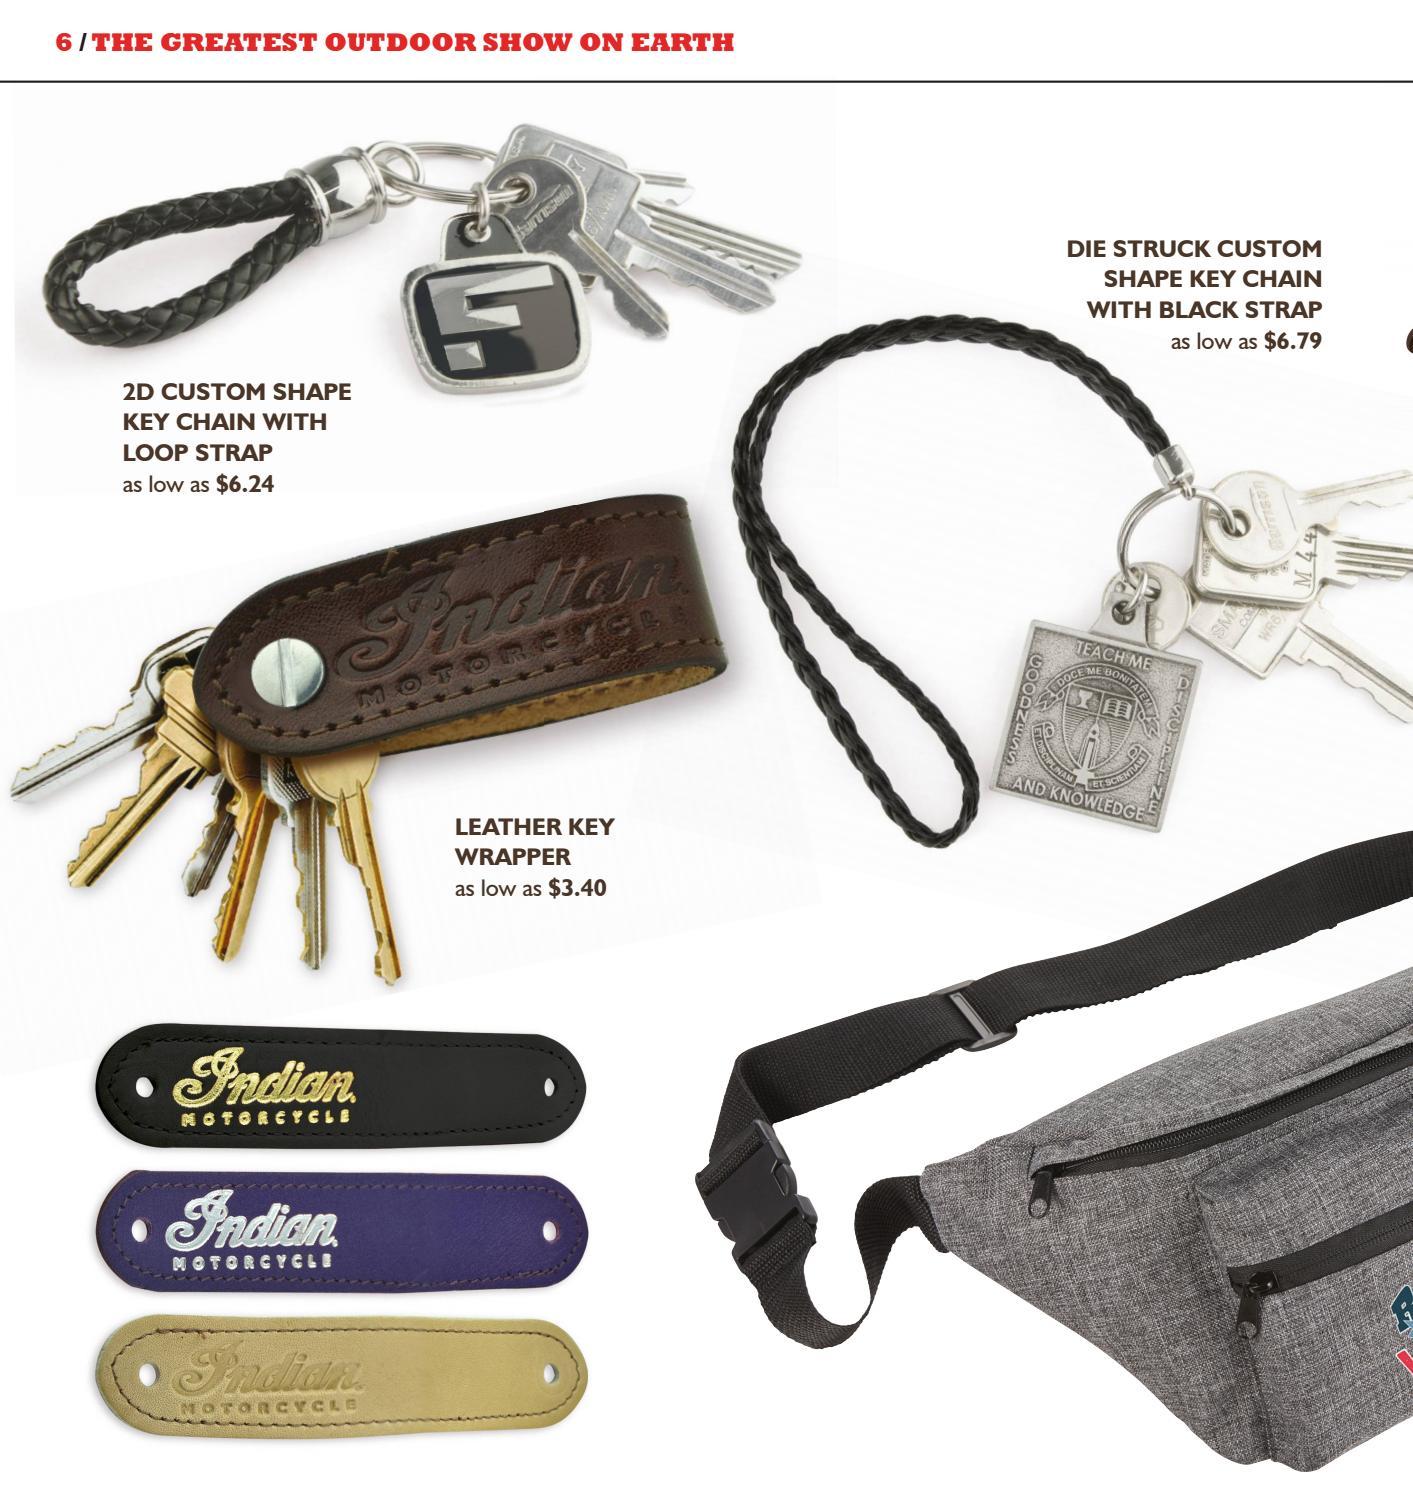 2019 Calgary Stampede Merchandise Lookbook